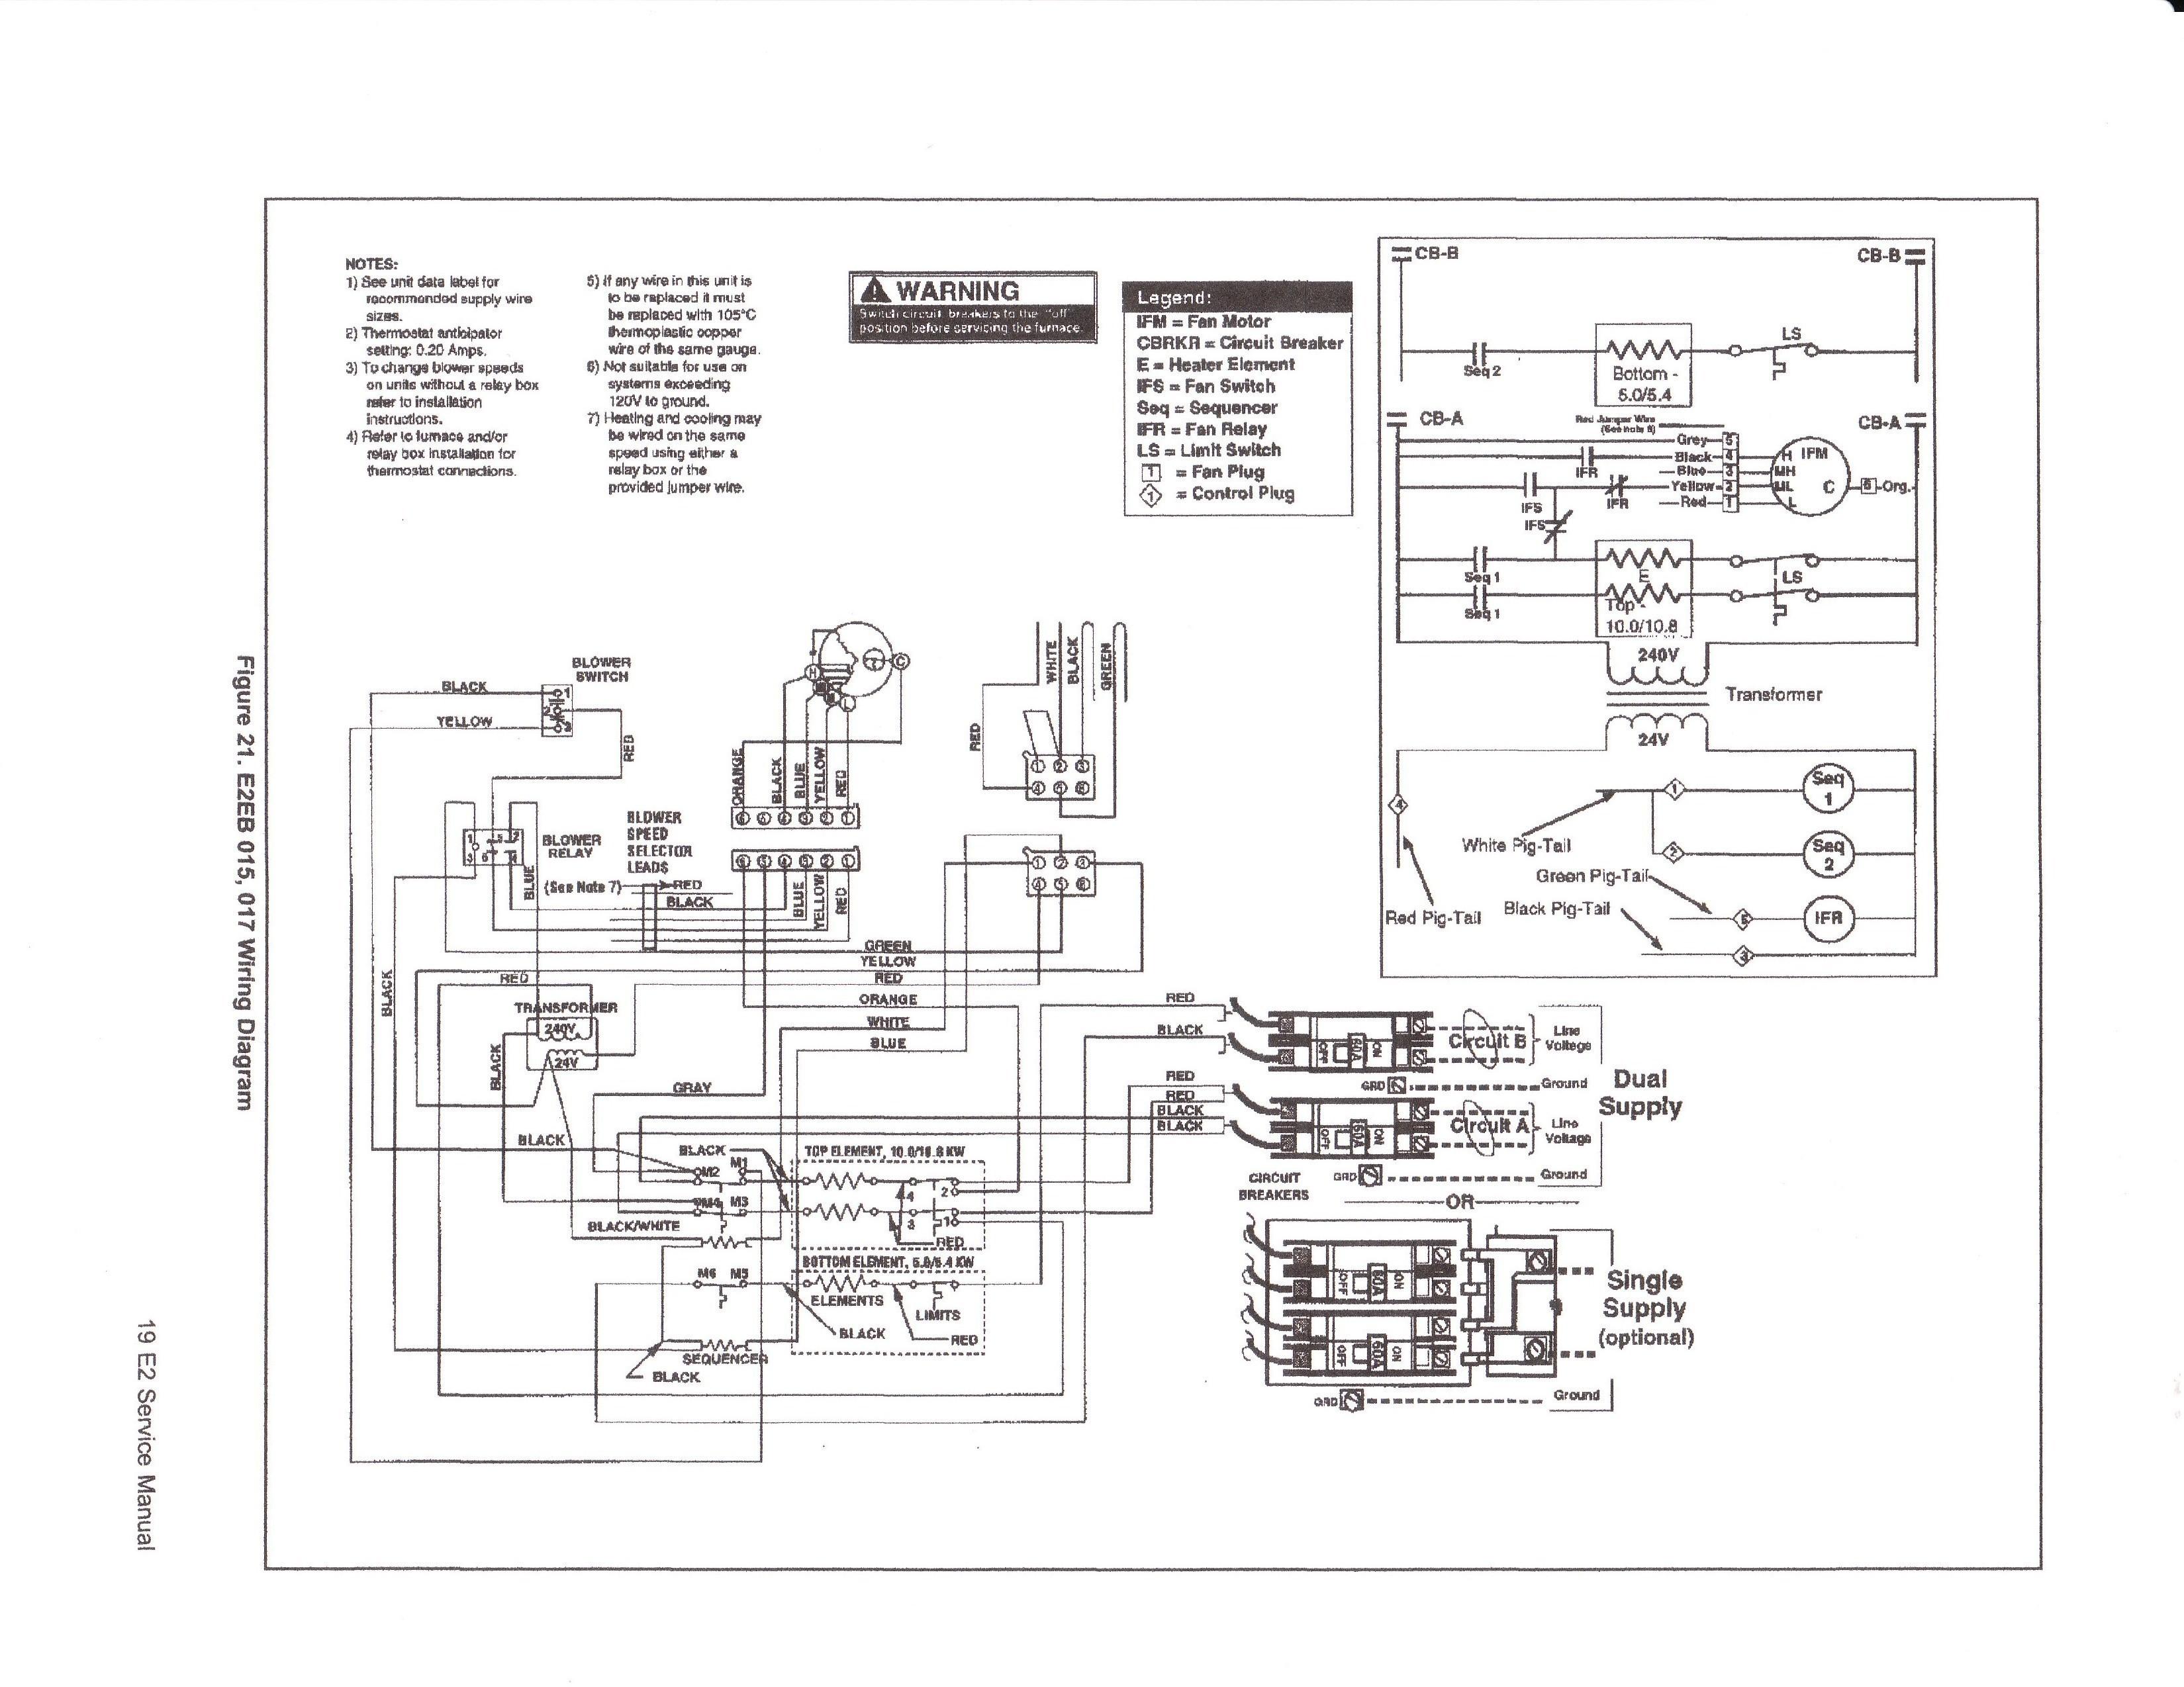 Nordyne Wiring Diagram Electric Furnace Fresh Wiring Diagram For Miller Electric Furnace Refrence Old Nordyne